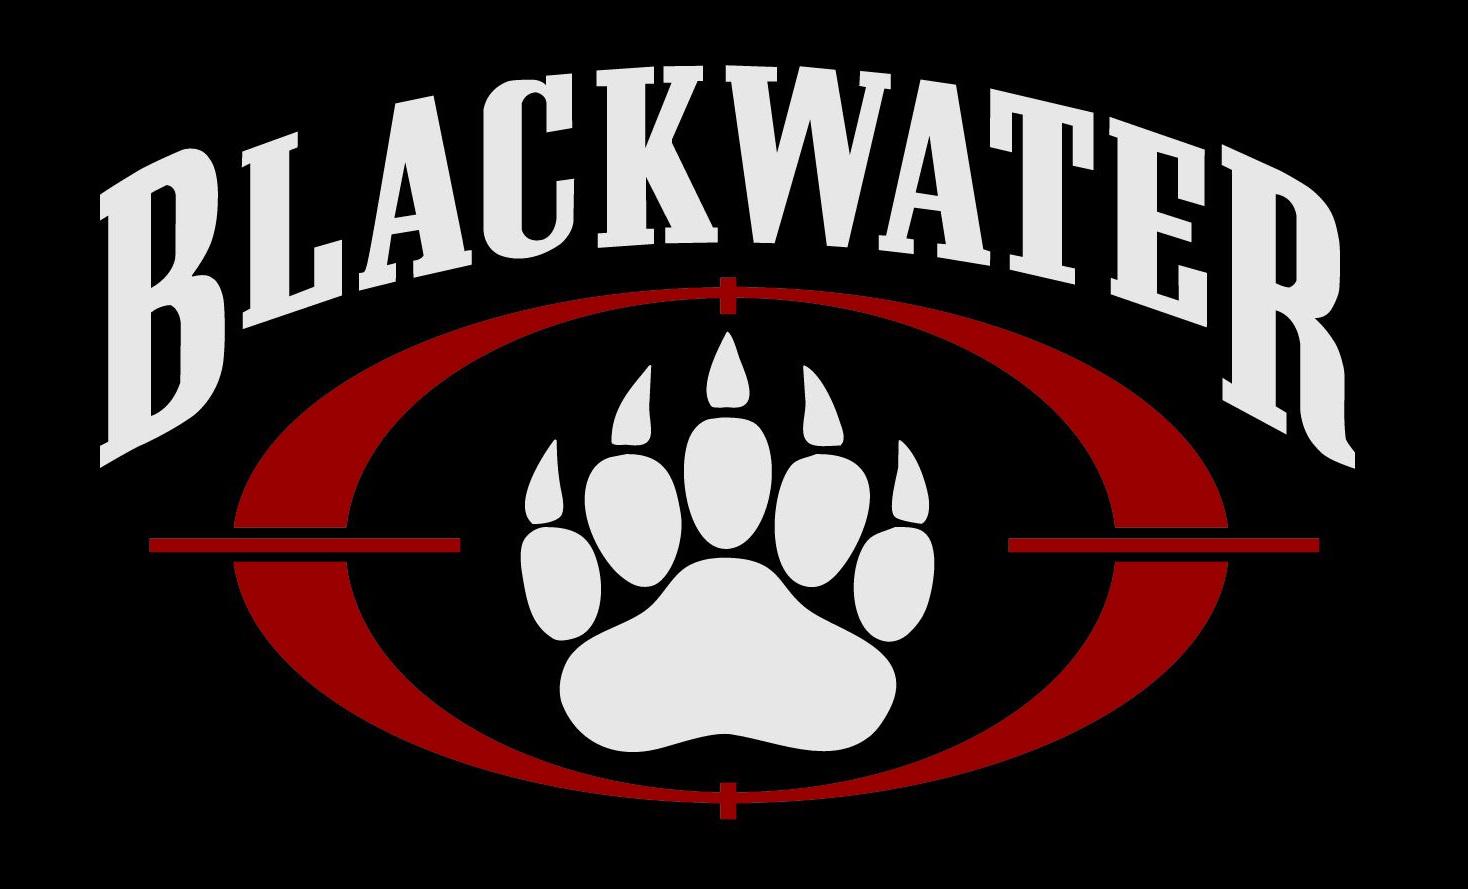 Resultado de imagen para blackwater